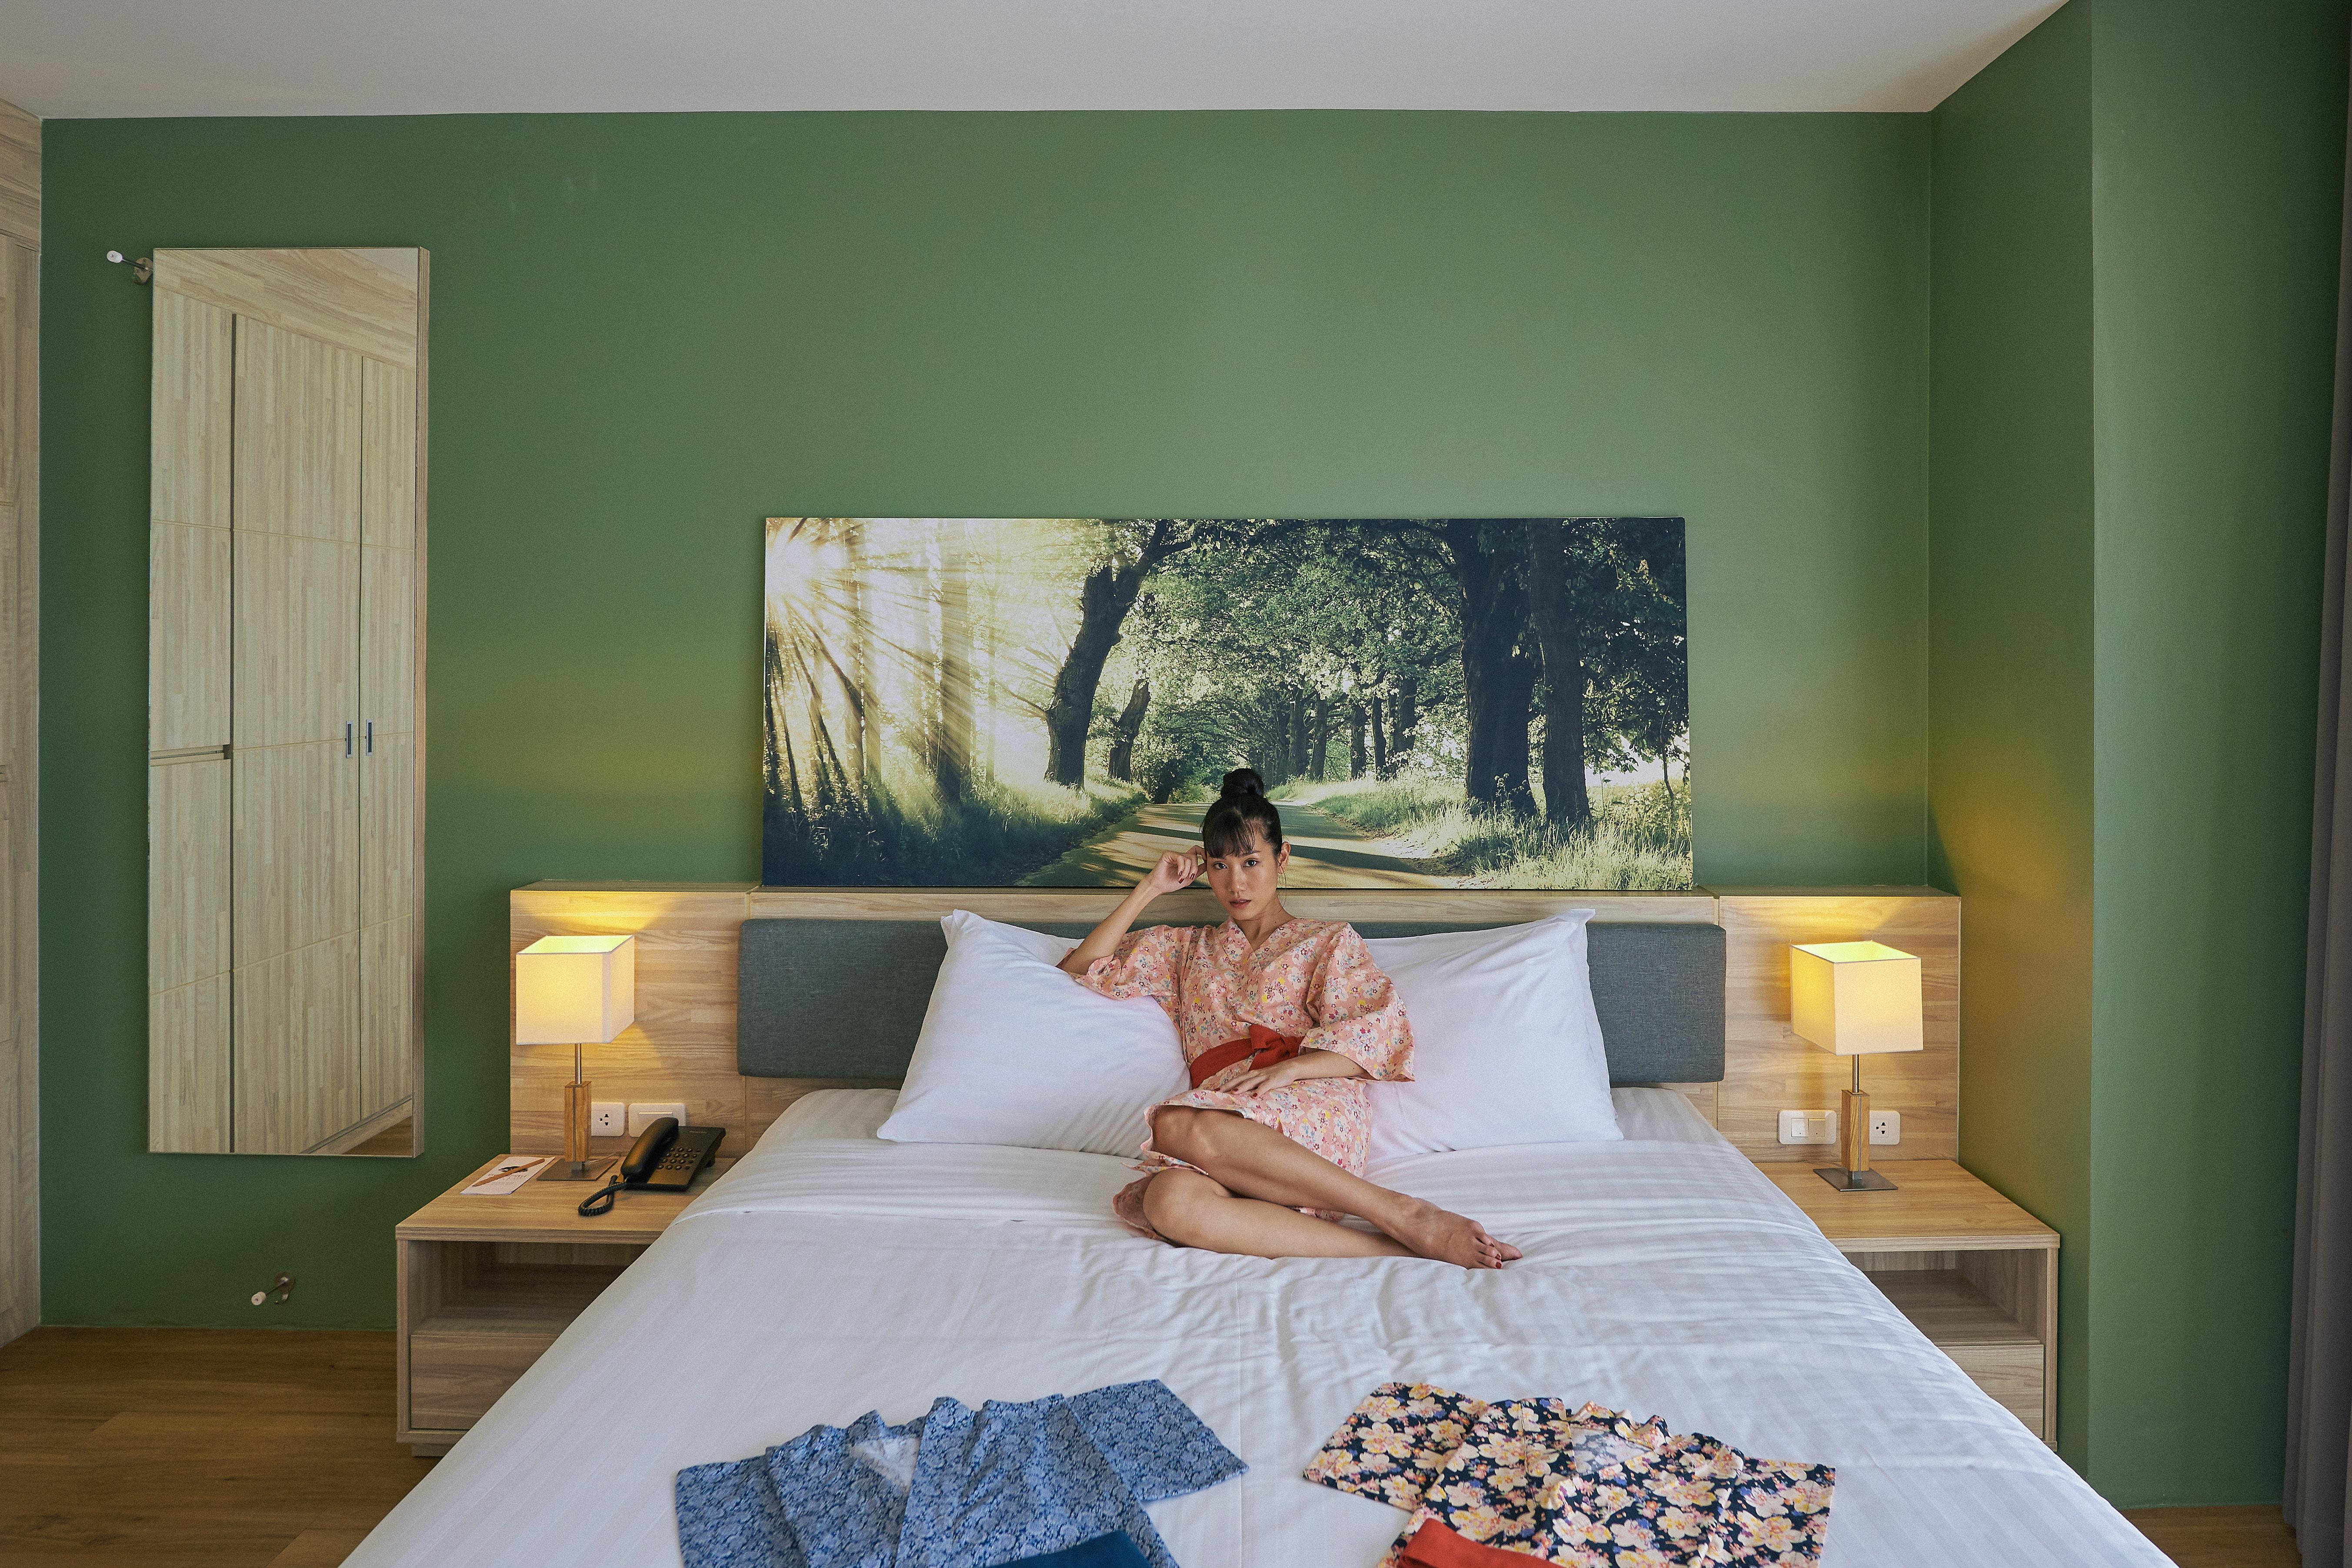 Serenity Deluxe room